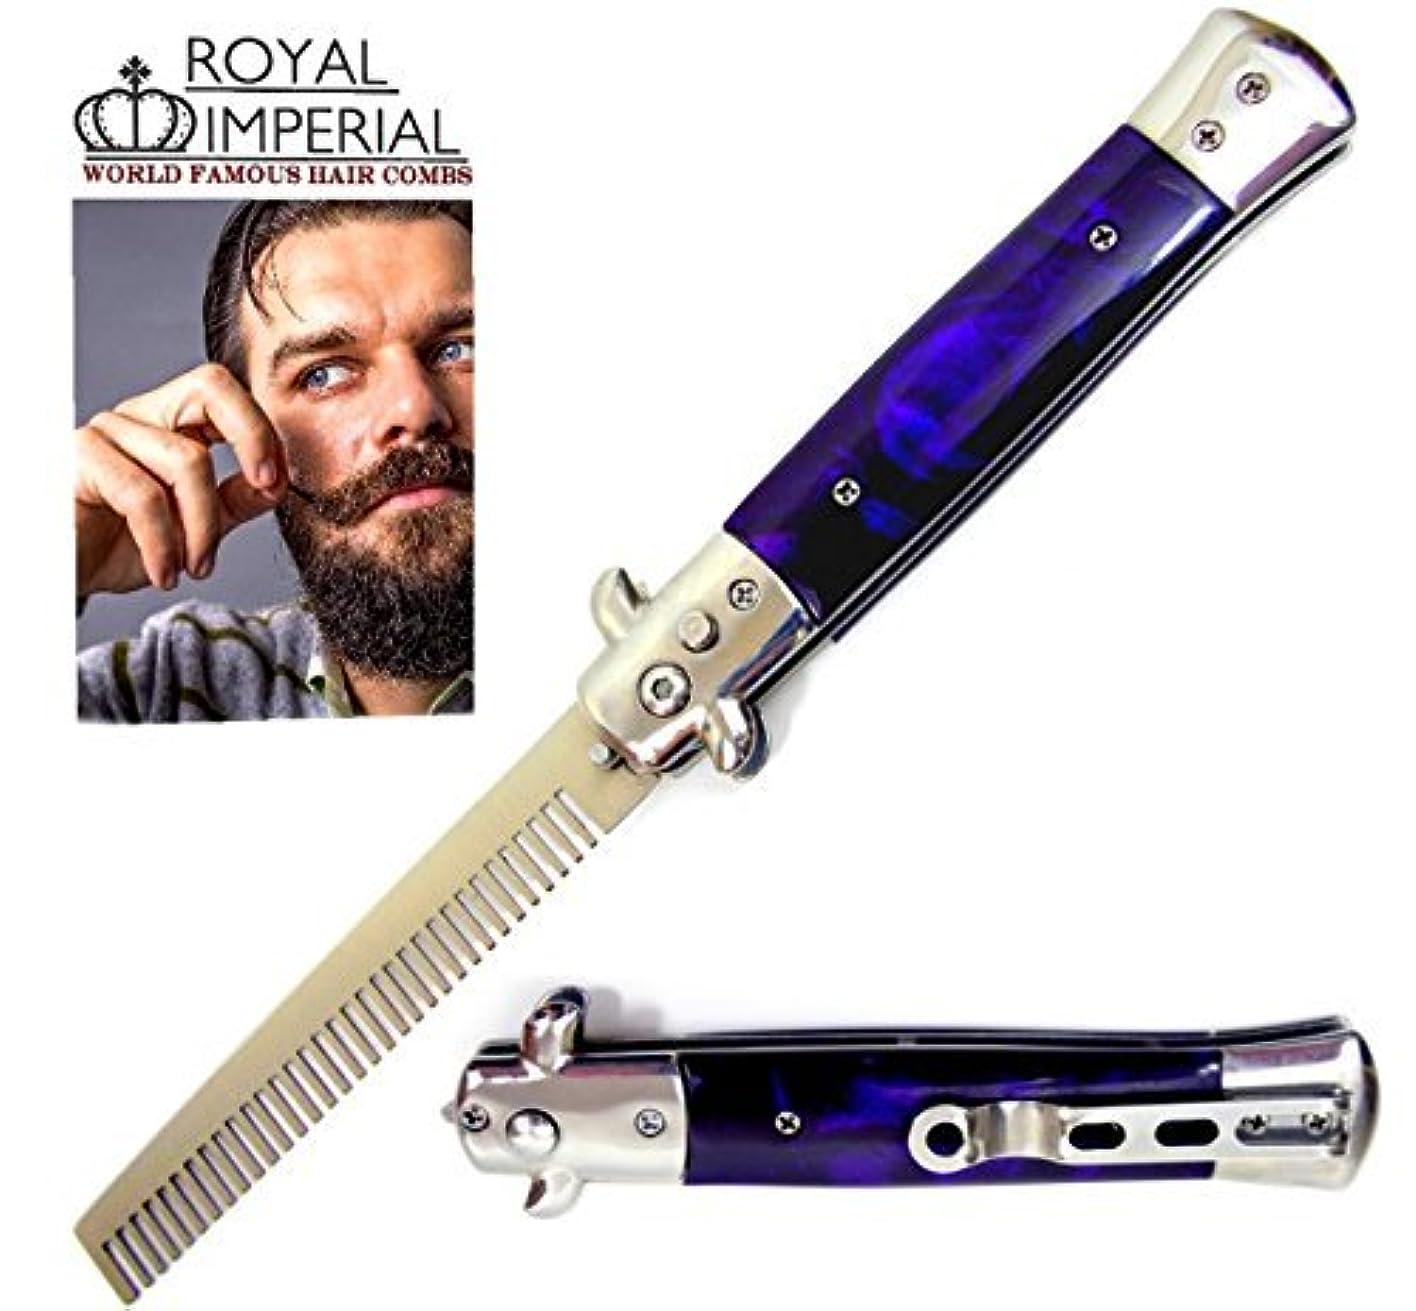 浸透するはしご条約Royal Imperial Metal Switchblade Pocket Folding Flick Hair Comb For Beard, Mustache, Head PURPLE THUNDER Handle...